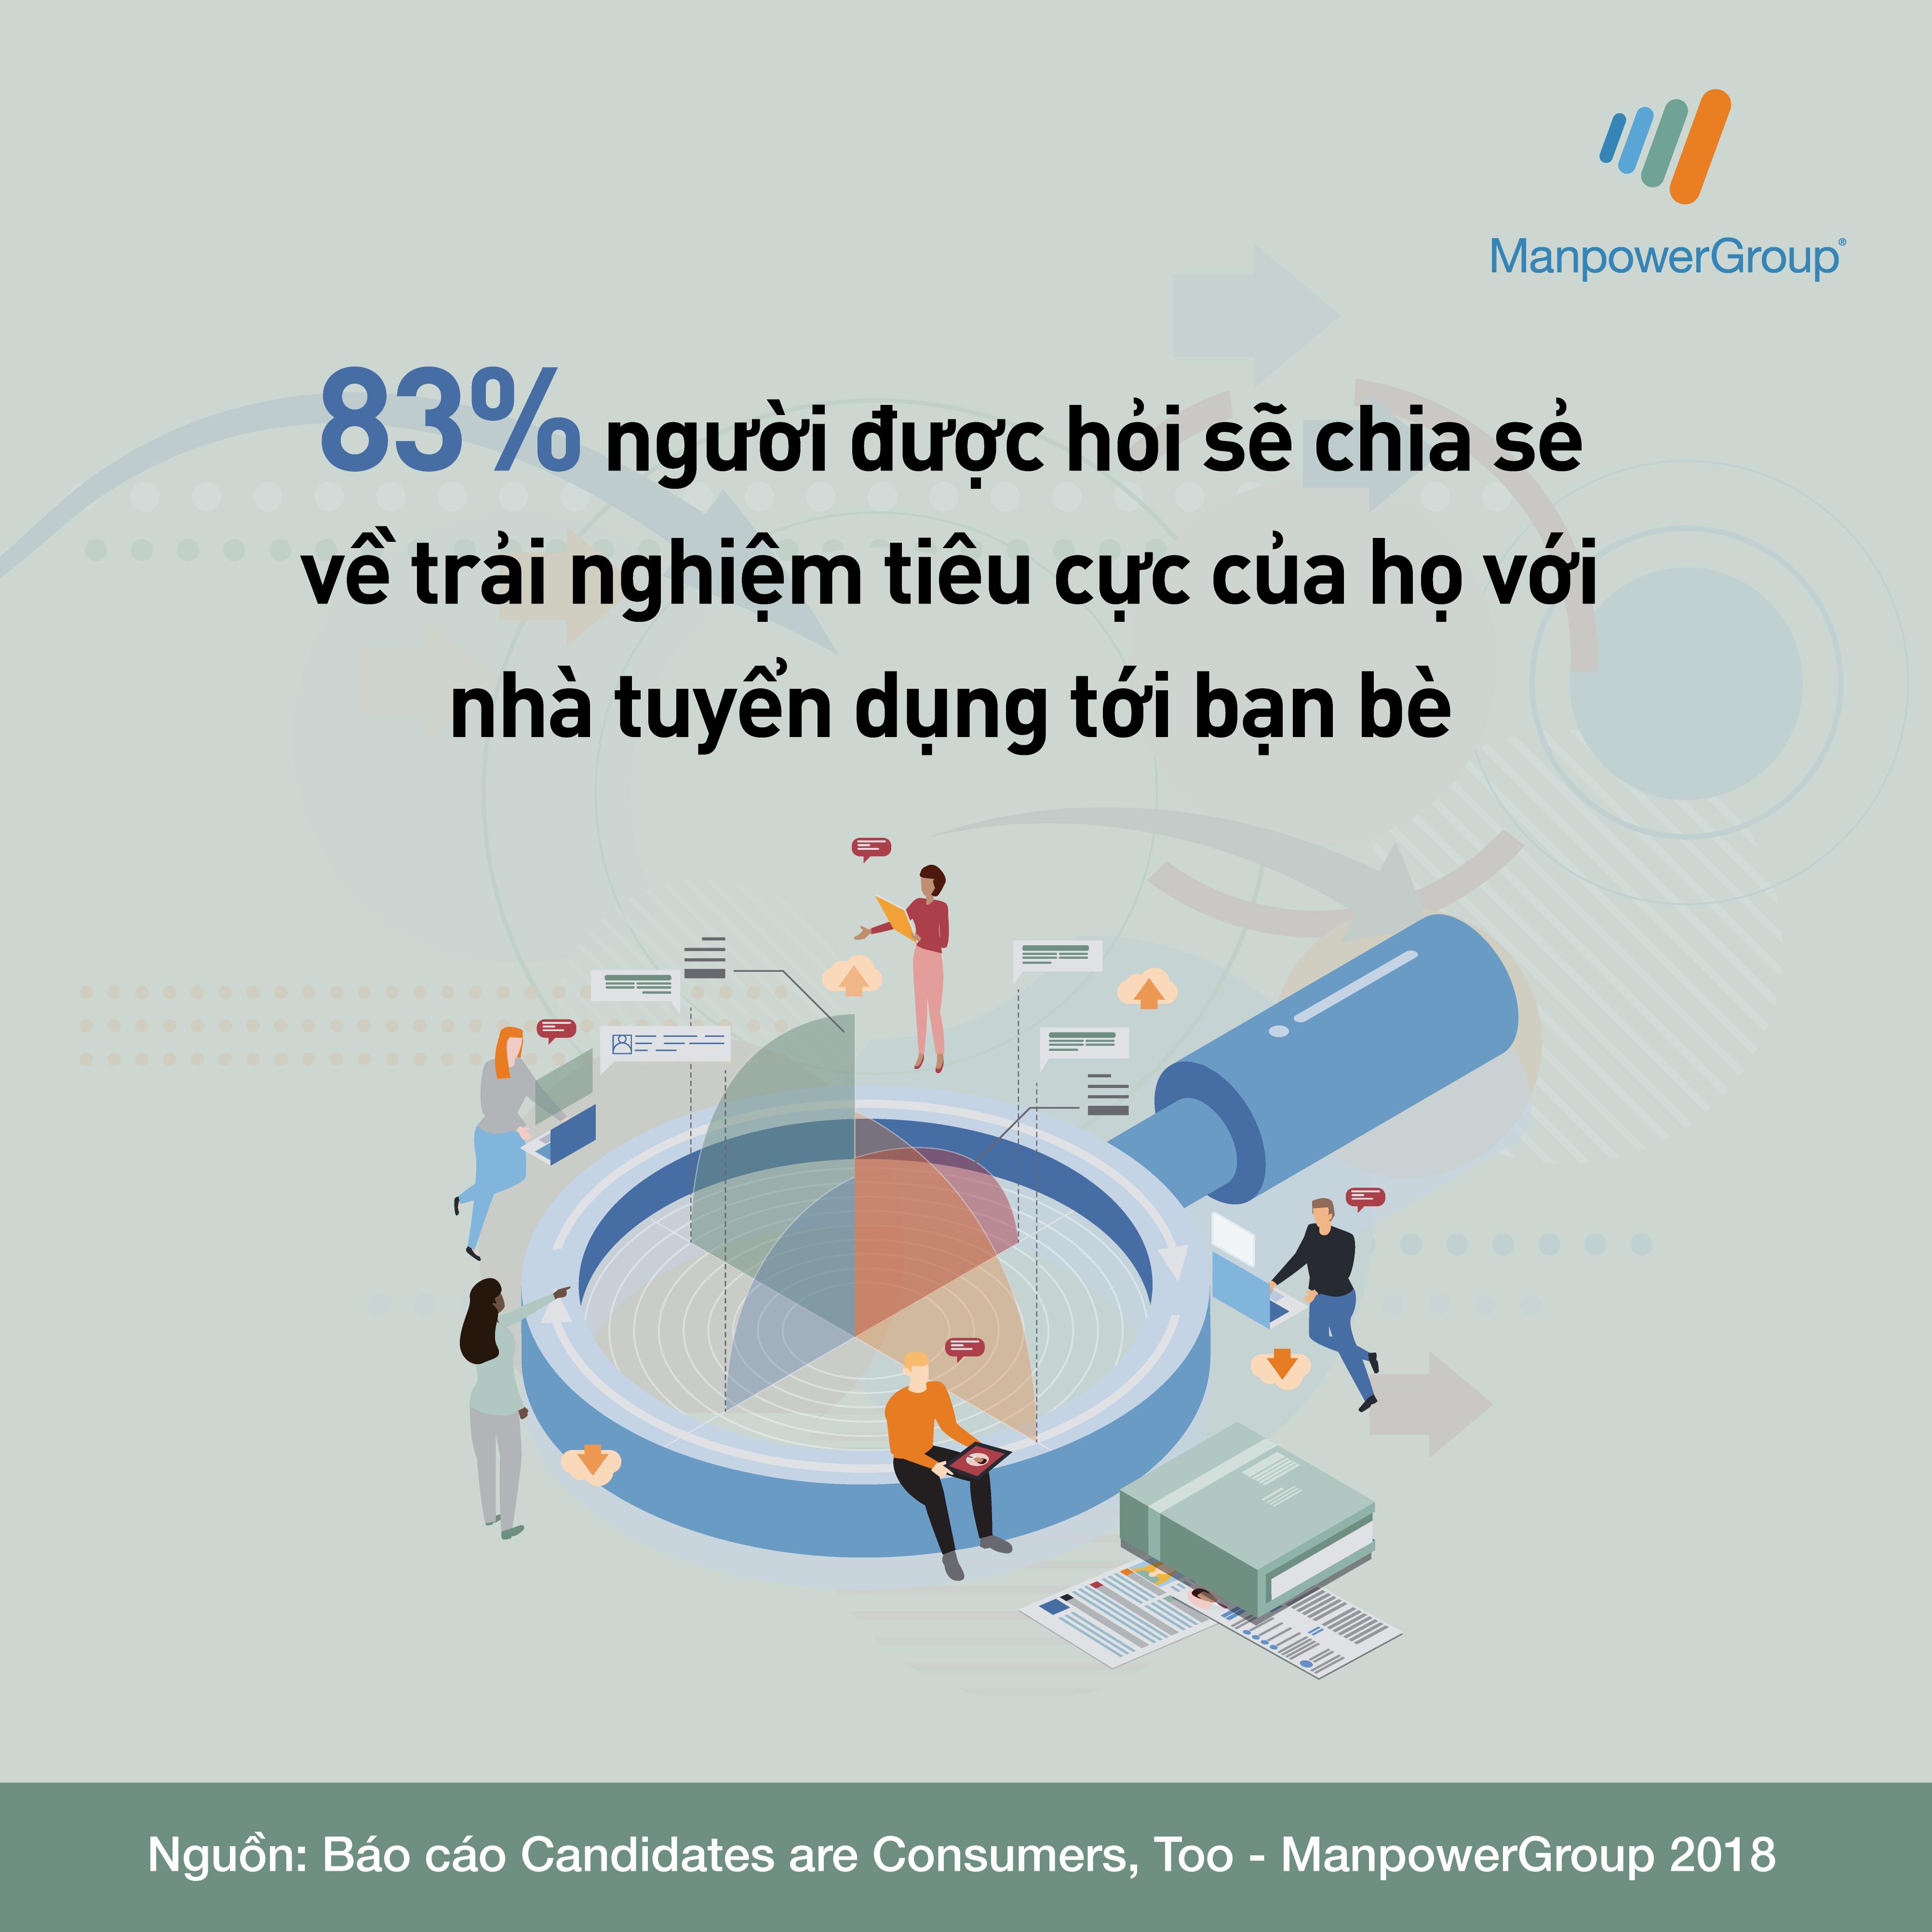 83% người được hỏi sẽ chia sẻ về trải nghiệm tiêu cực của họ với nhà tuyển dụng tới bạn bè